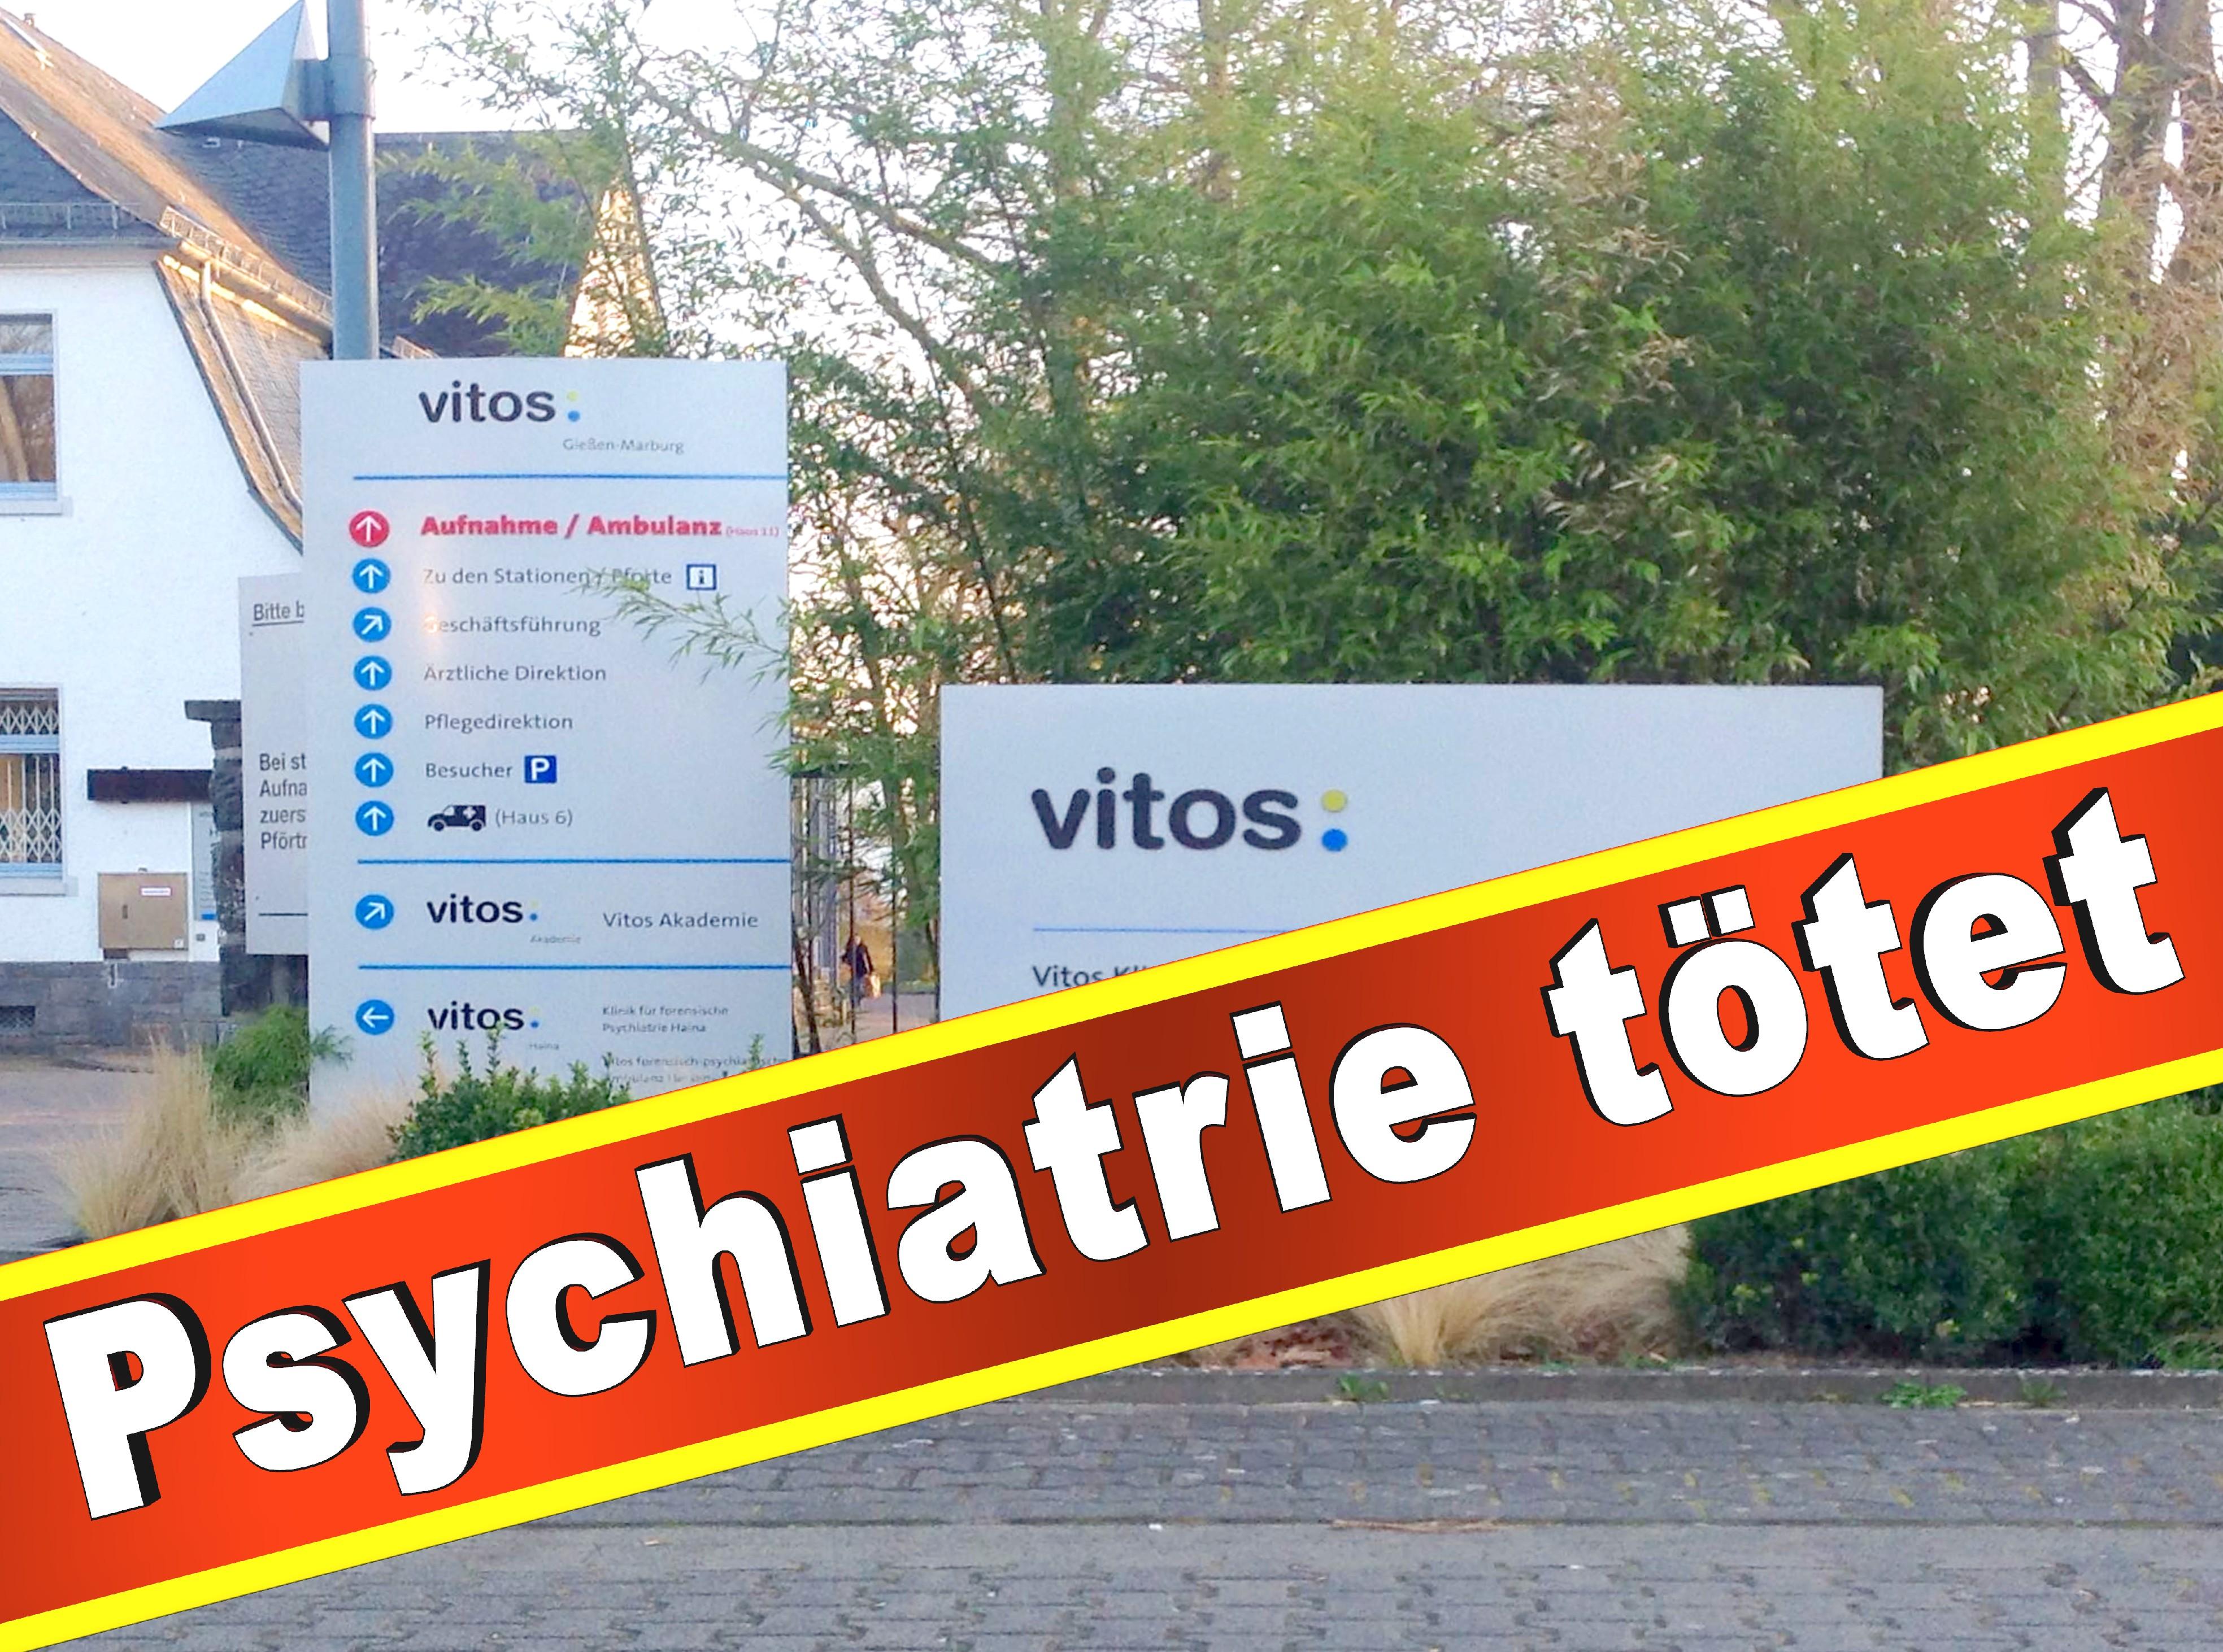 Psychiatrie Vitos Gießen Marburg Psychiater, Klinik, Anstalt, Presse, Bilder, Fotos